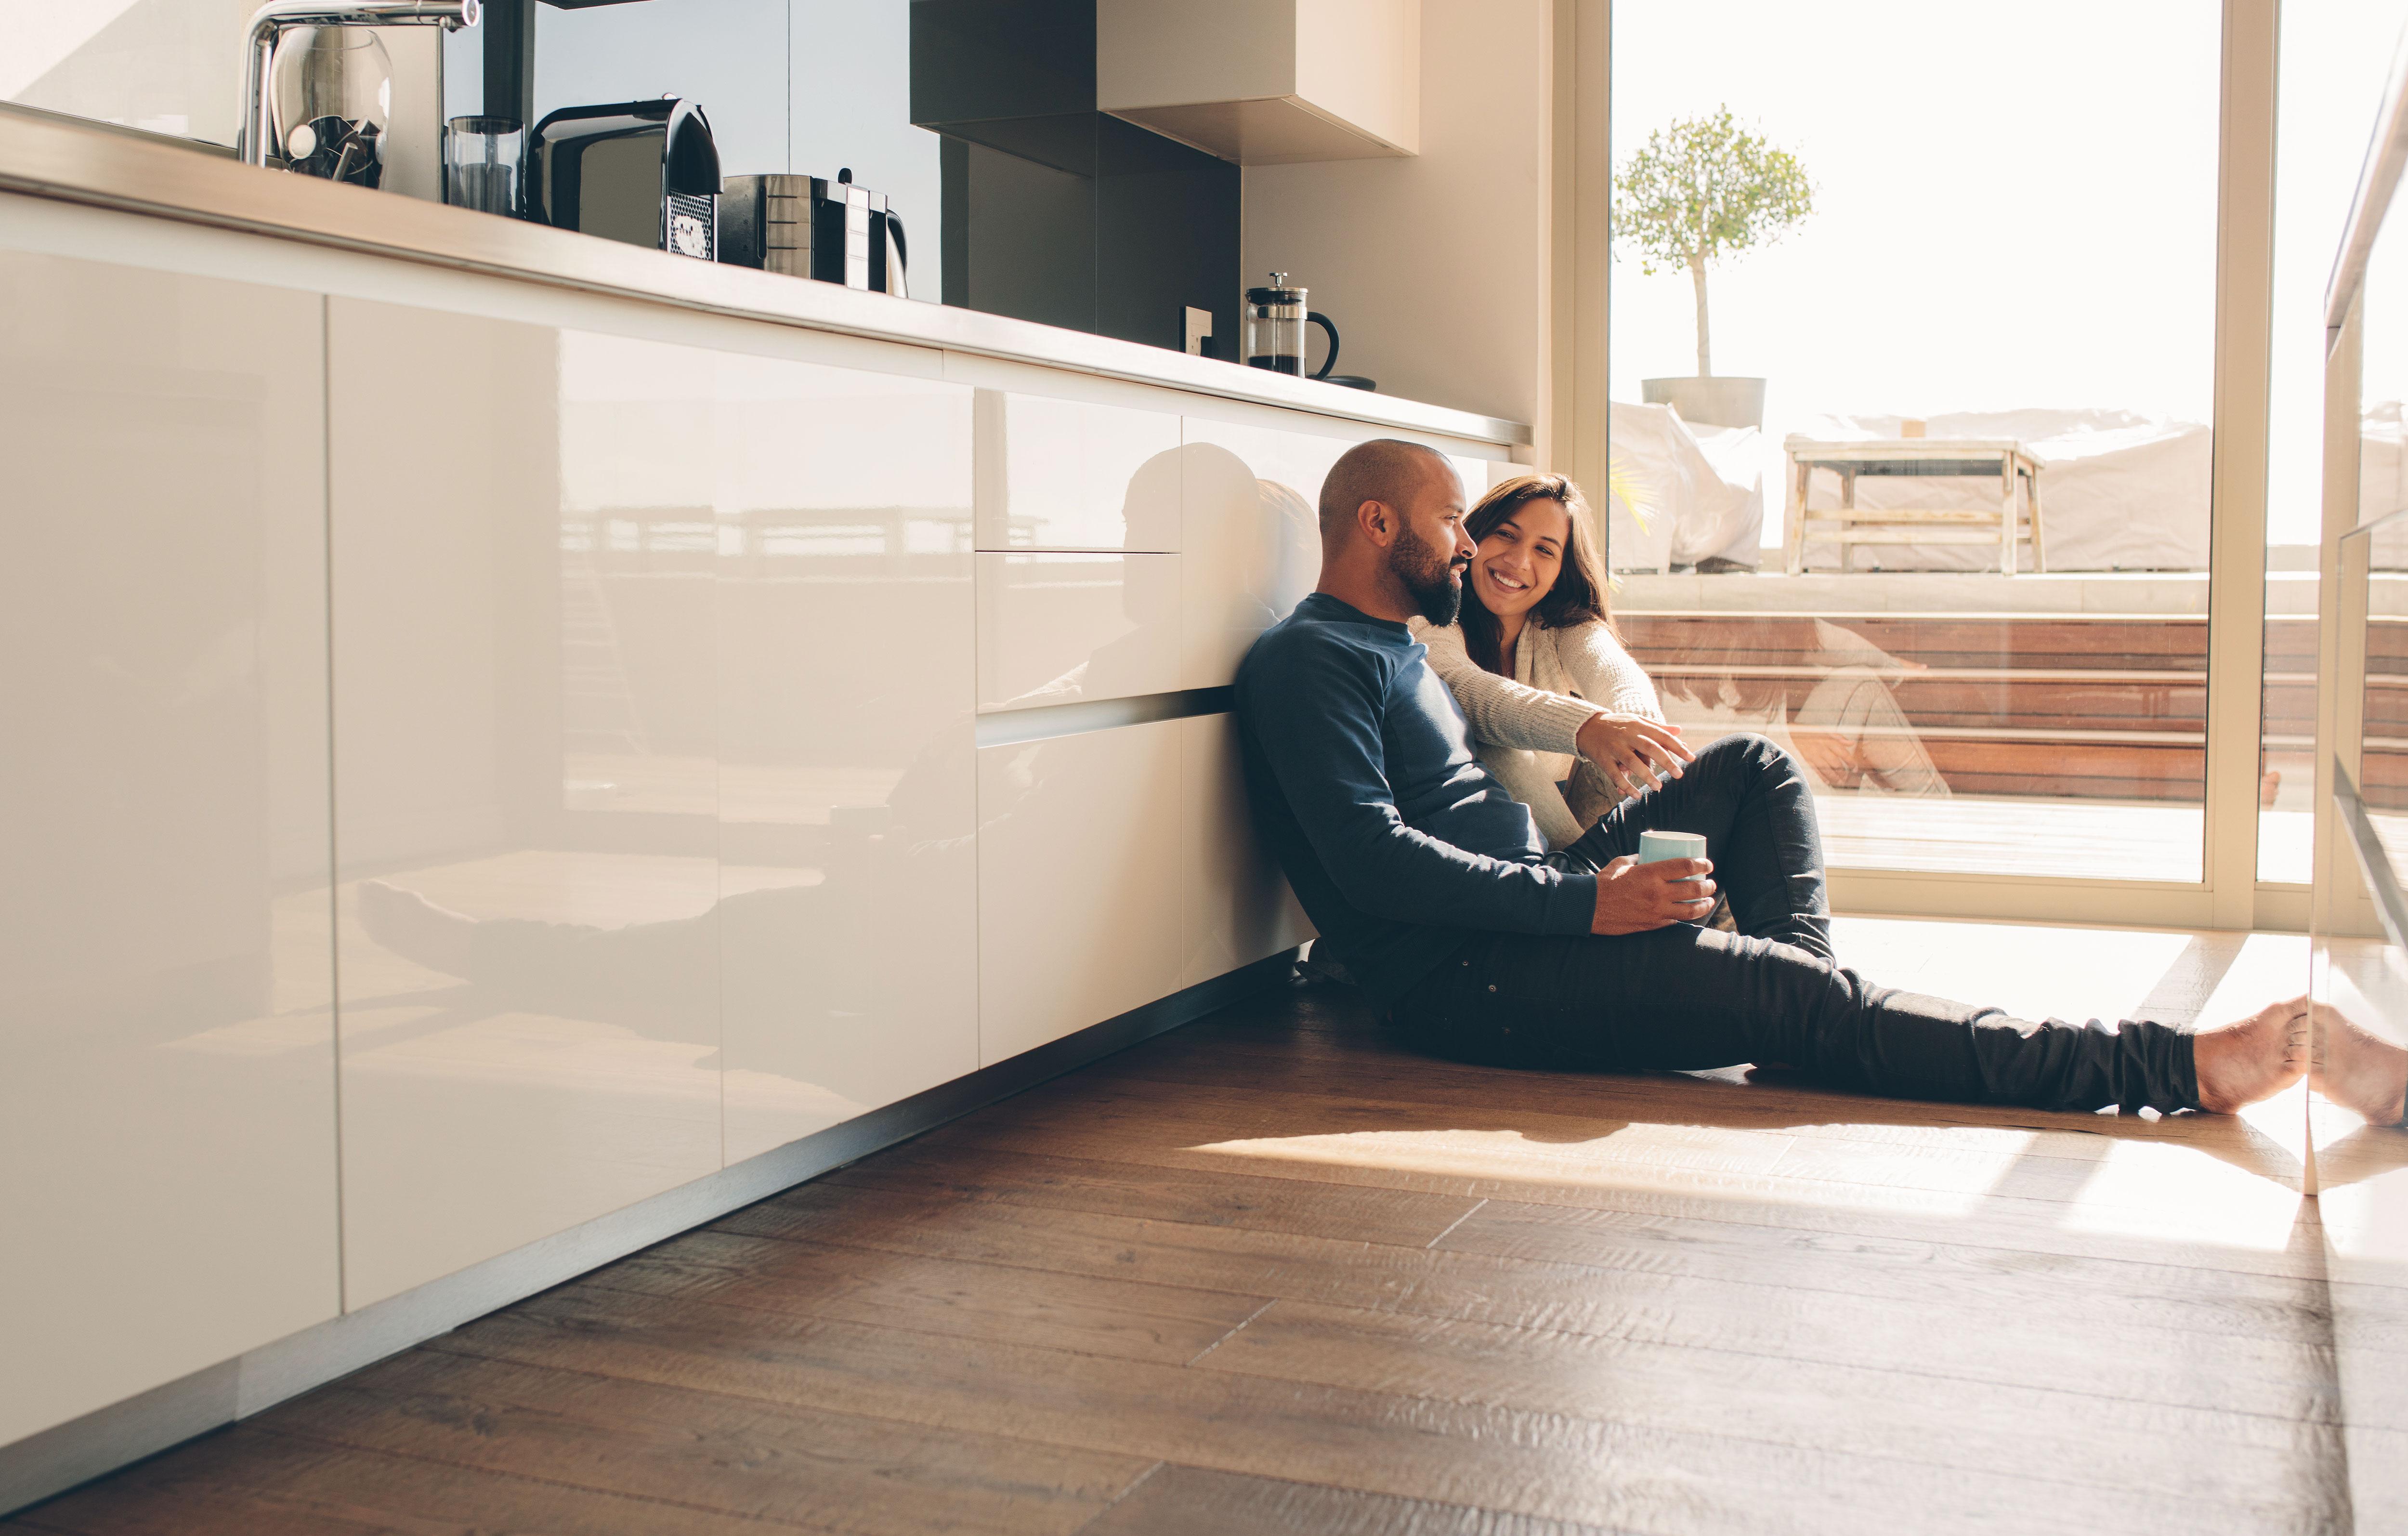 Liebendes Paar verbringt gemeinsame Zeit zuhause